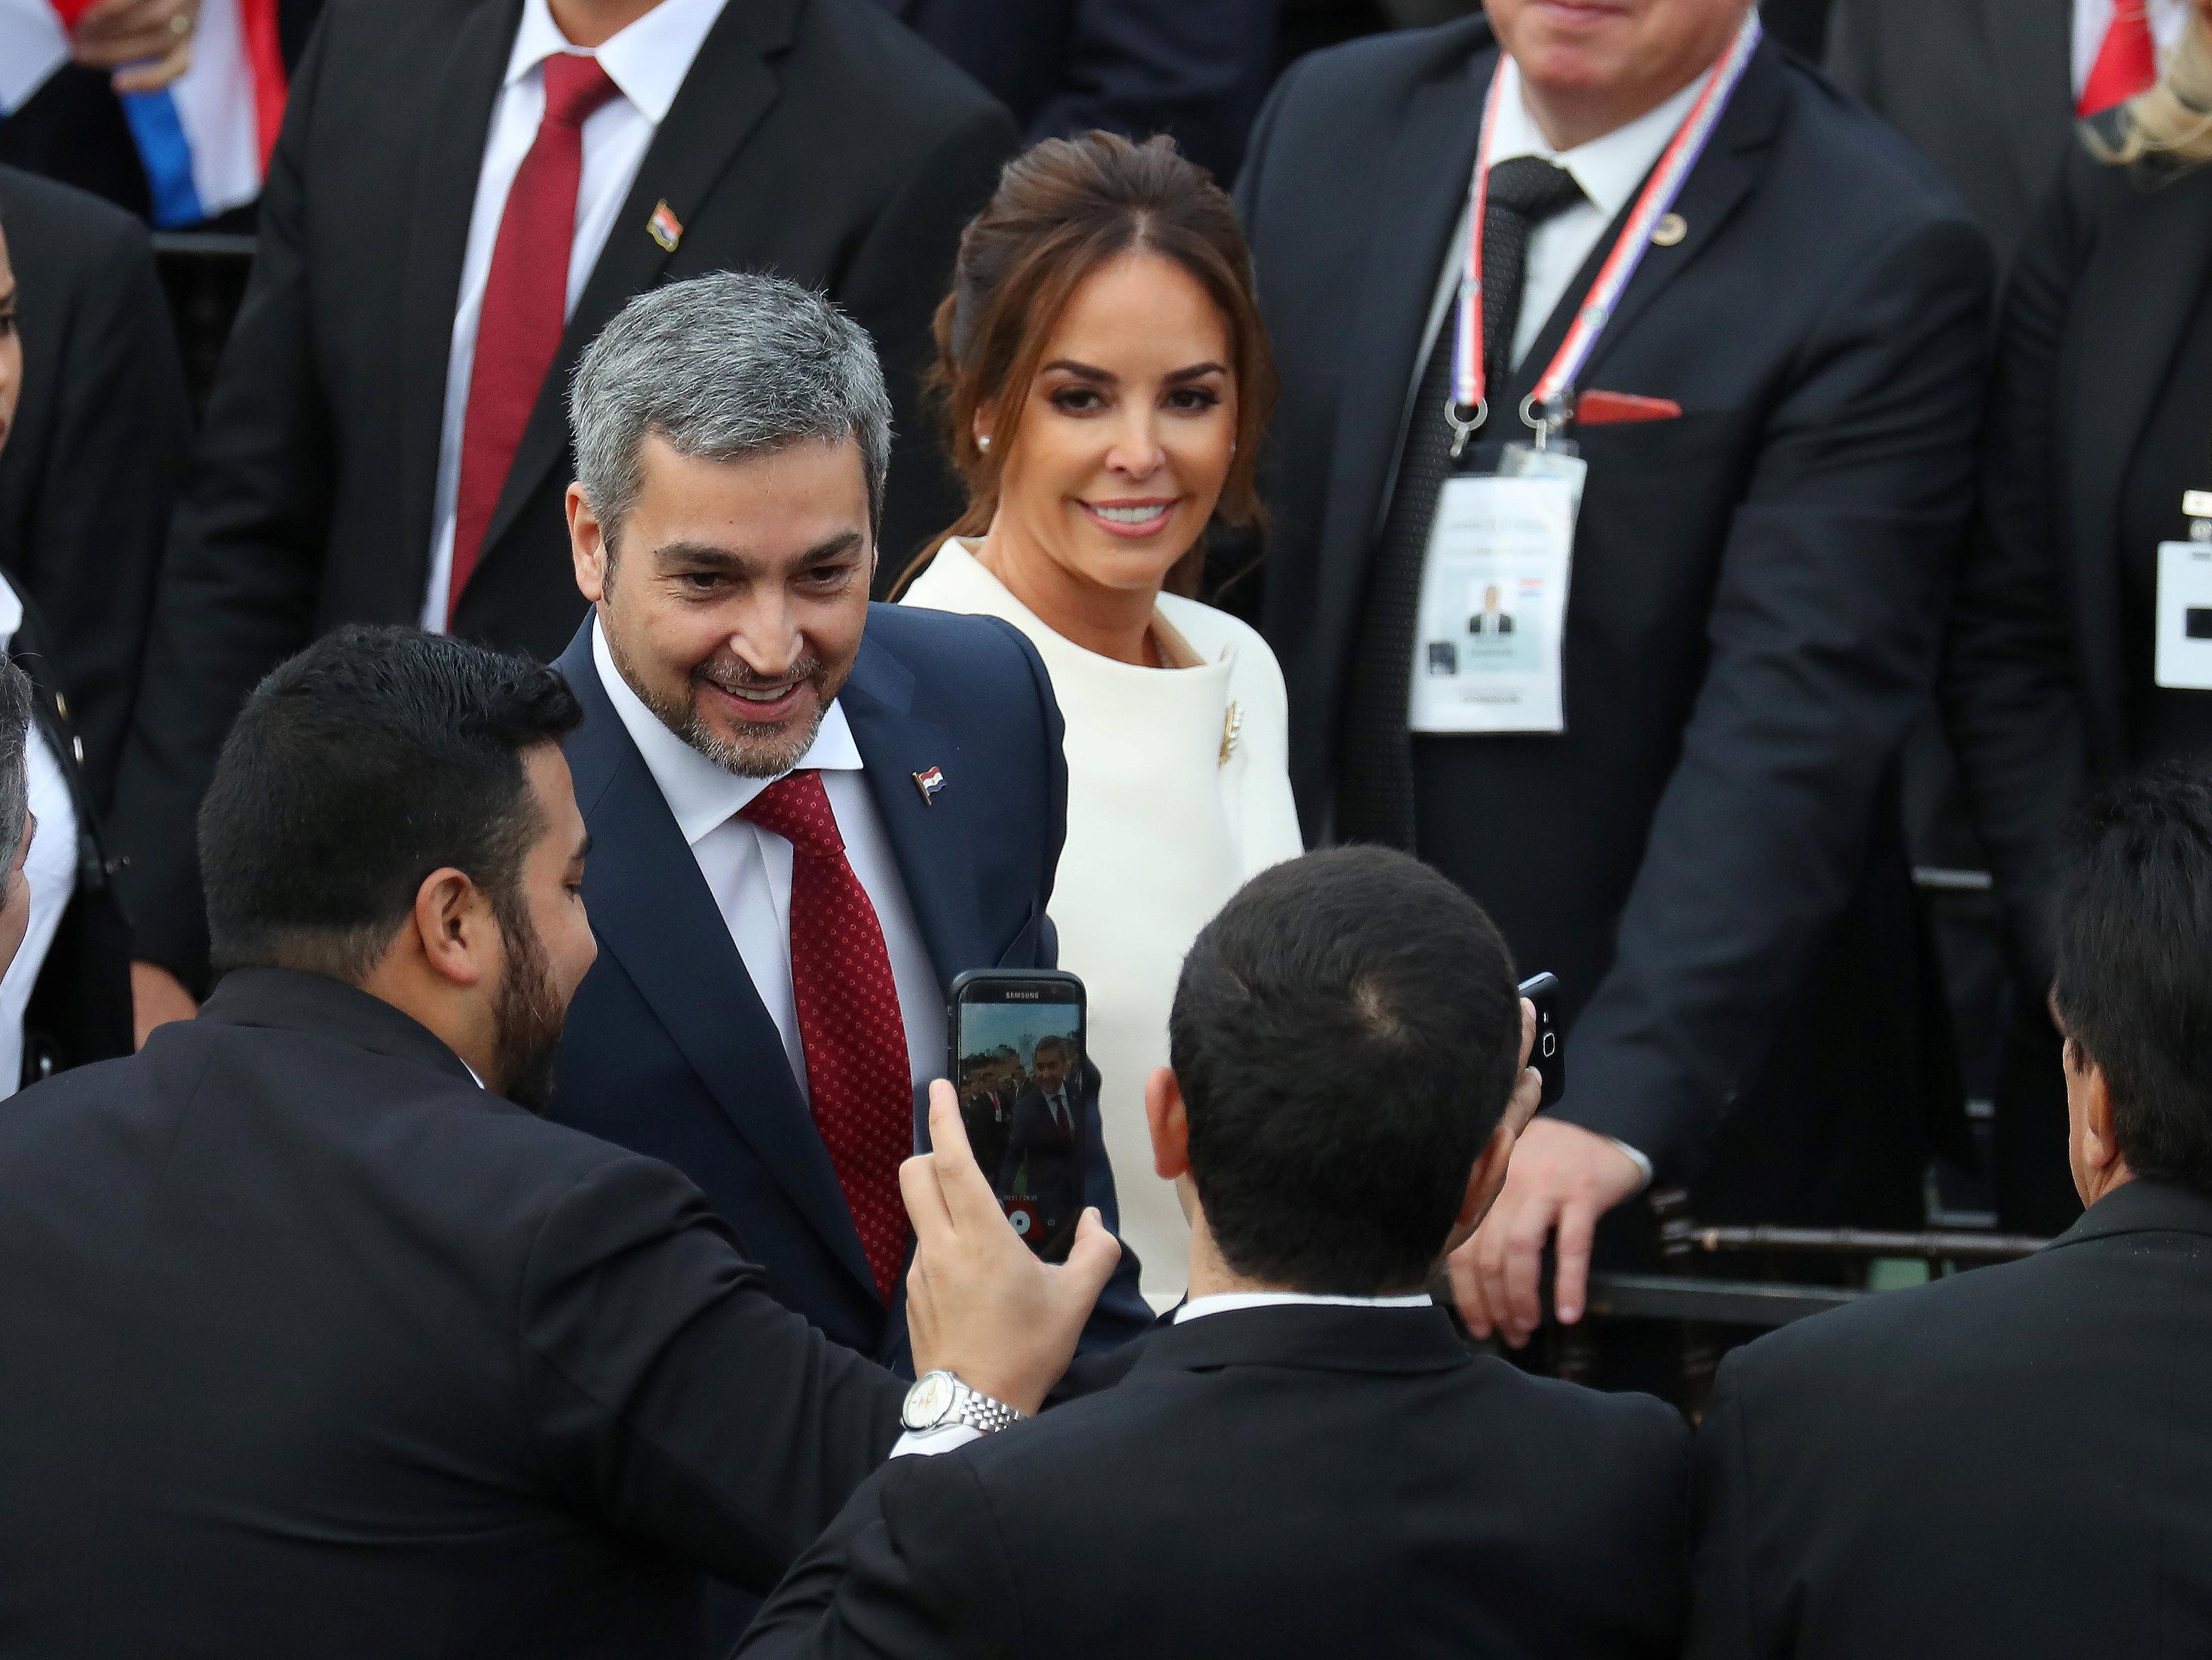 رئيس باراجواى وزوجته